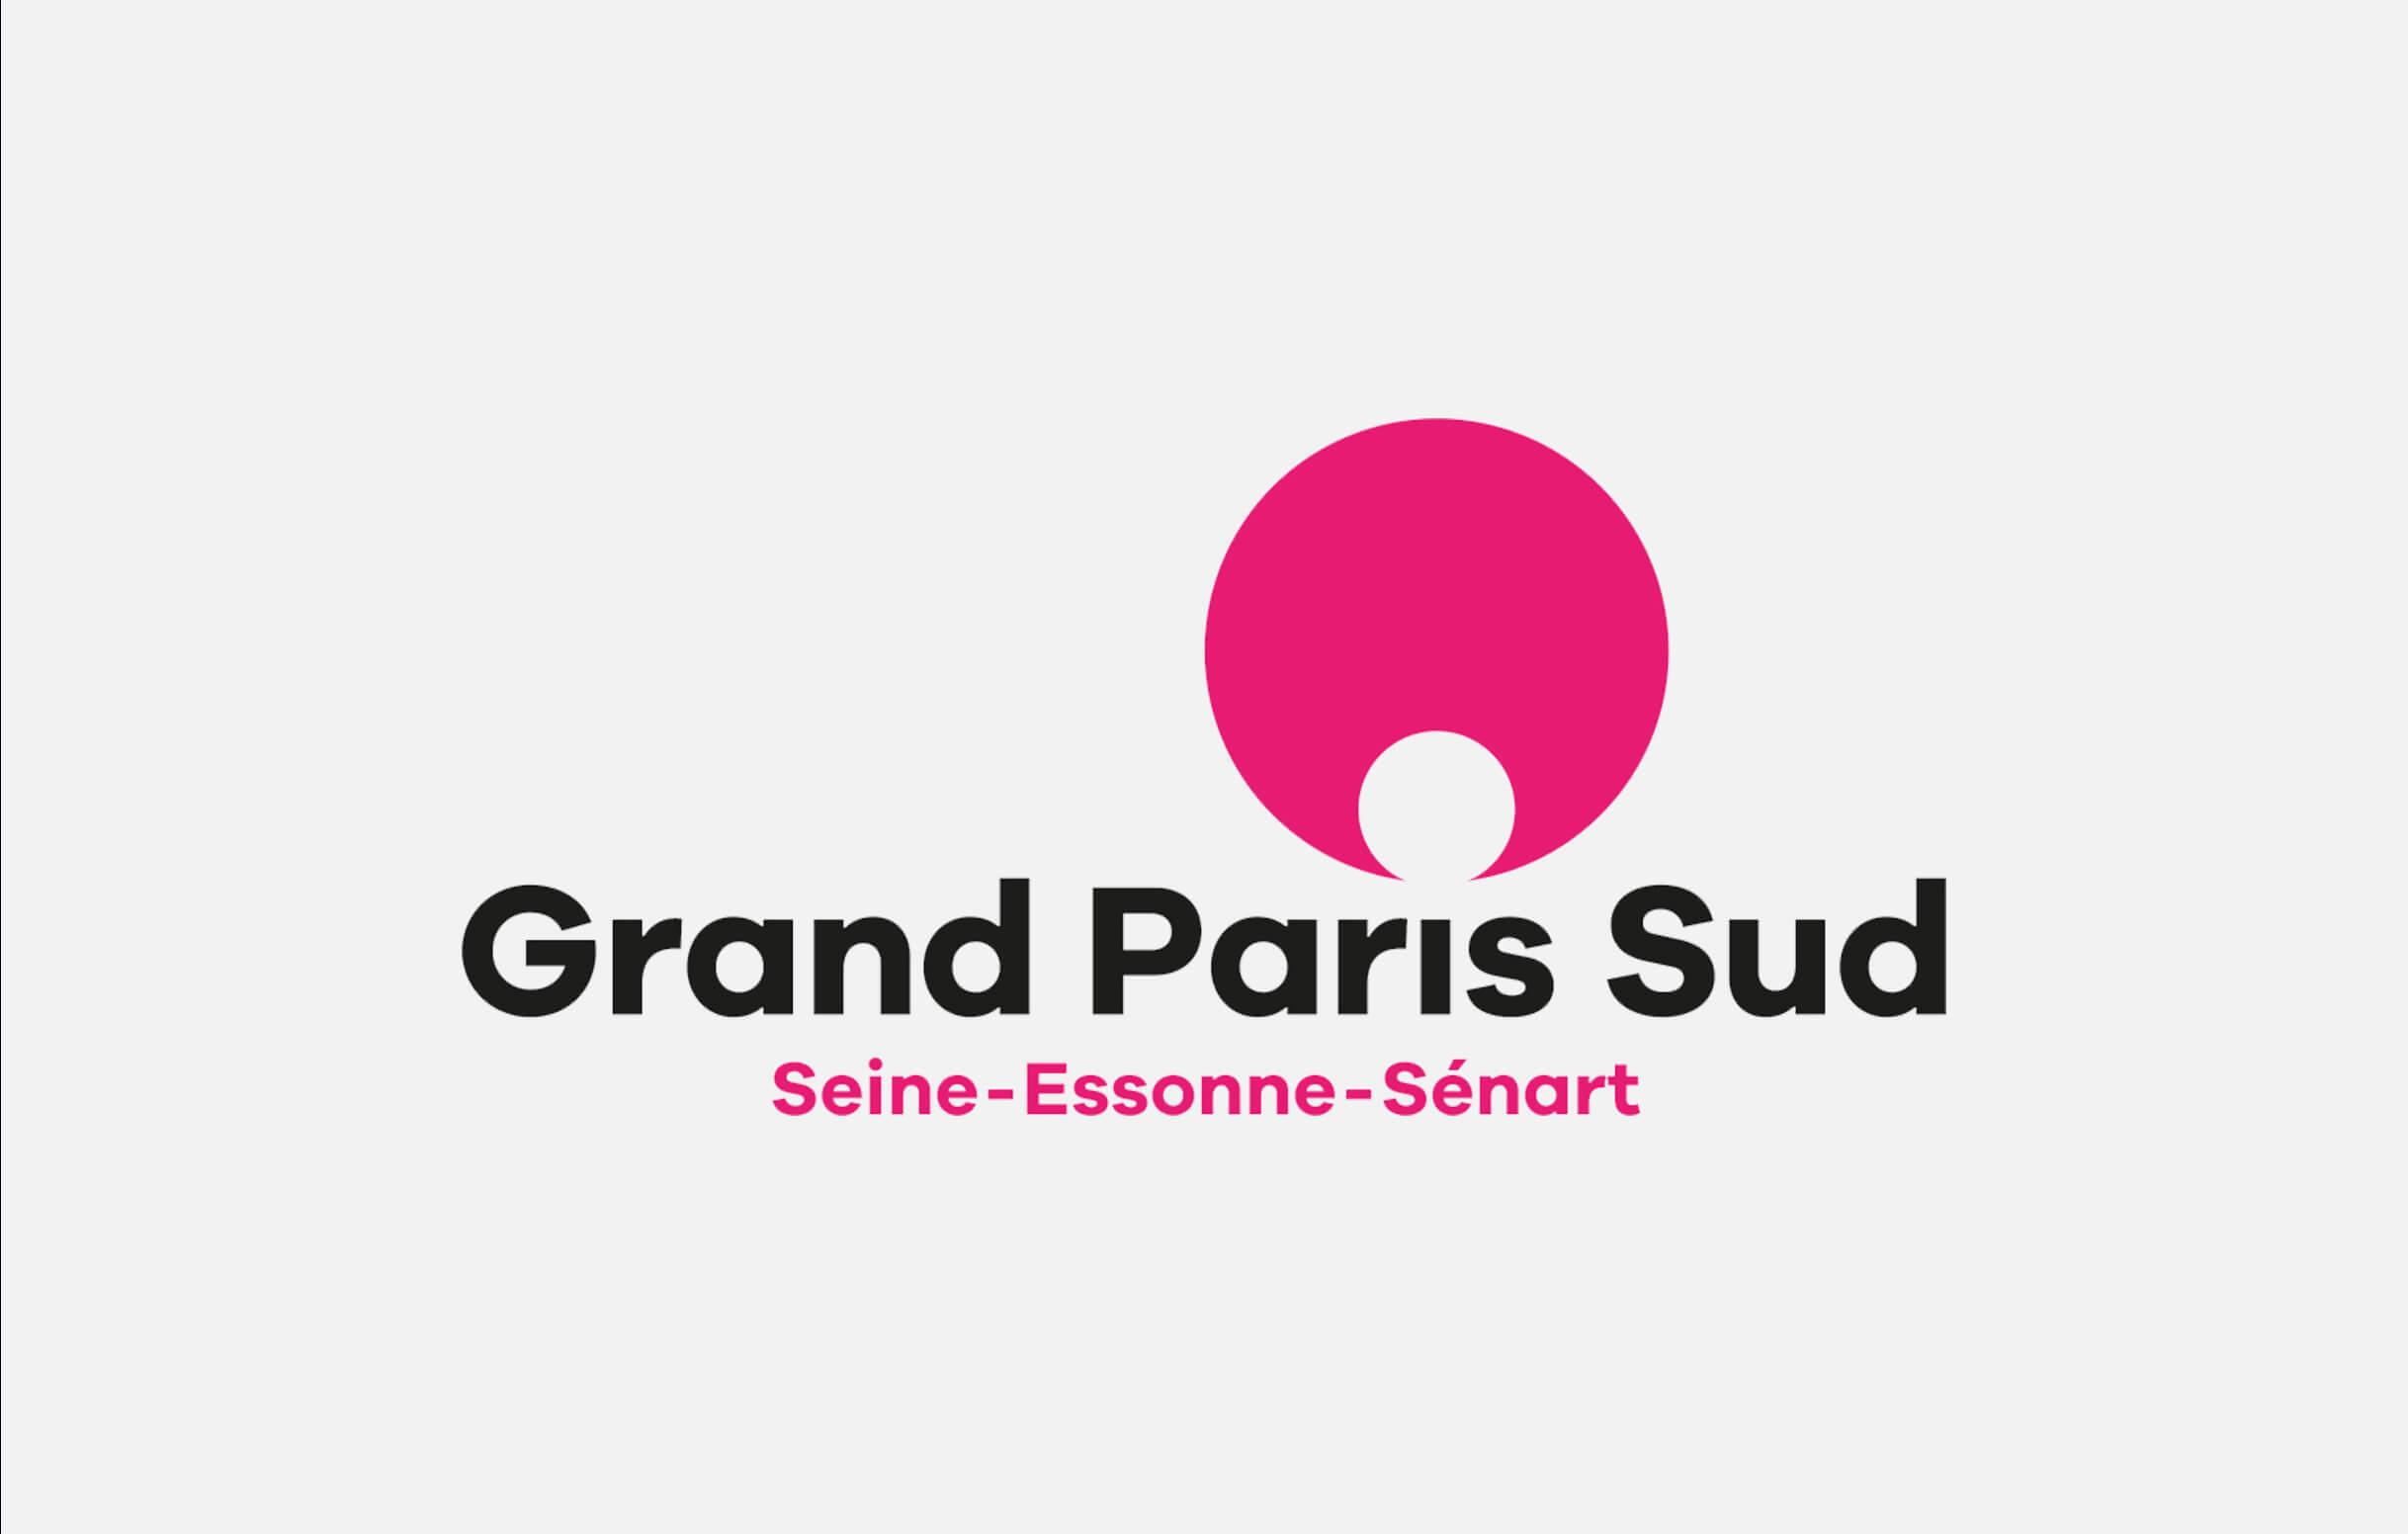 grand-paris-sud